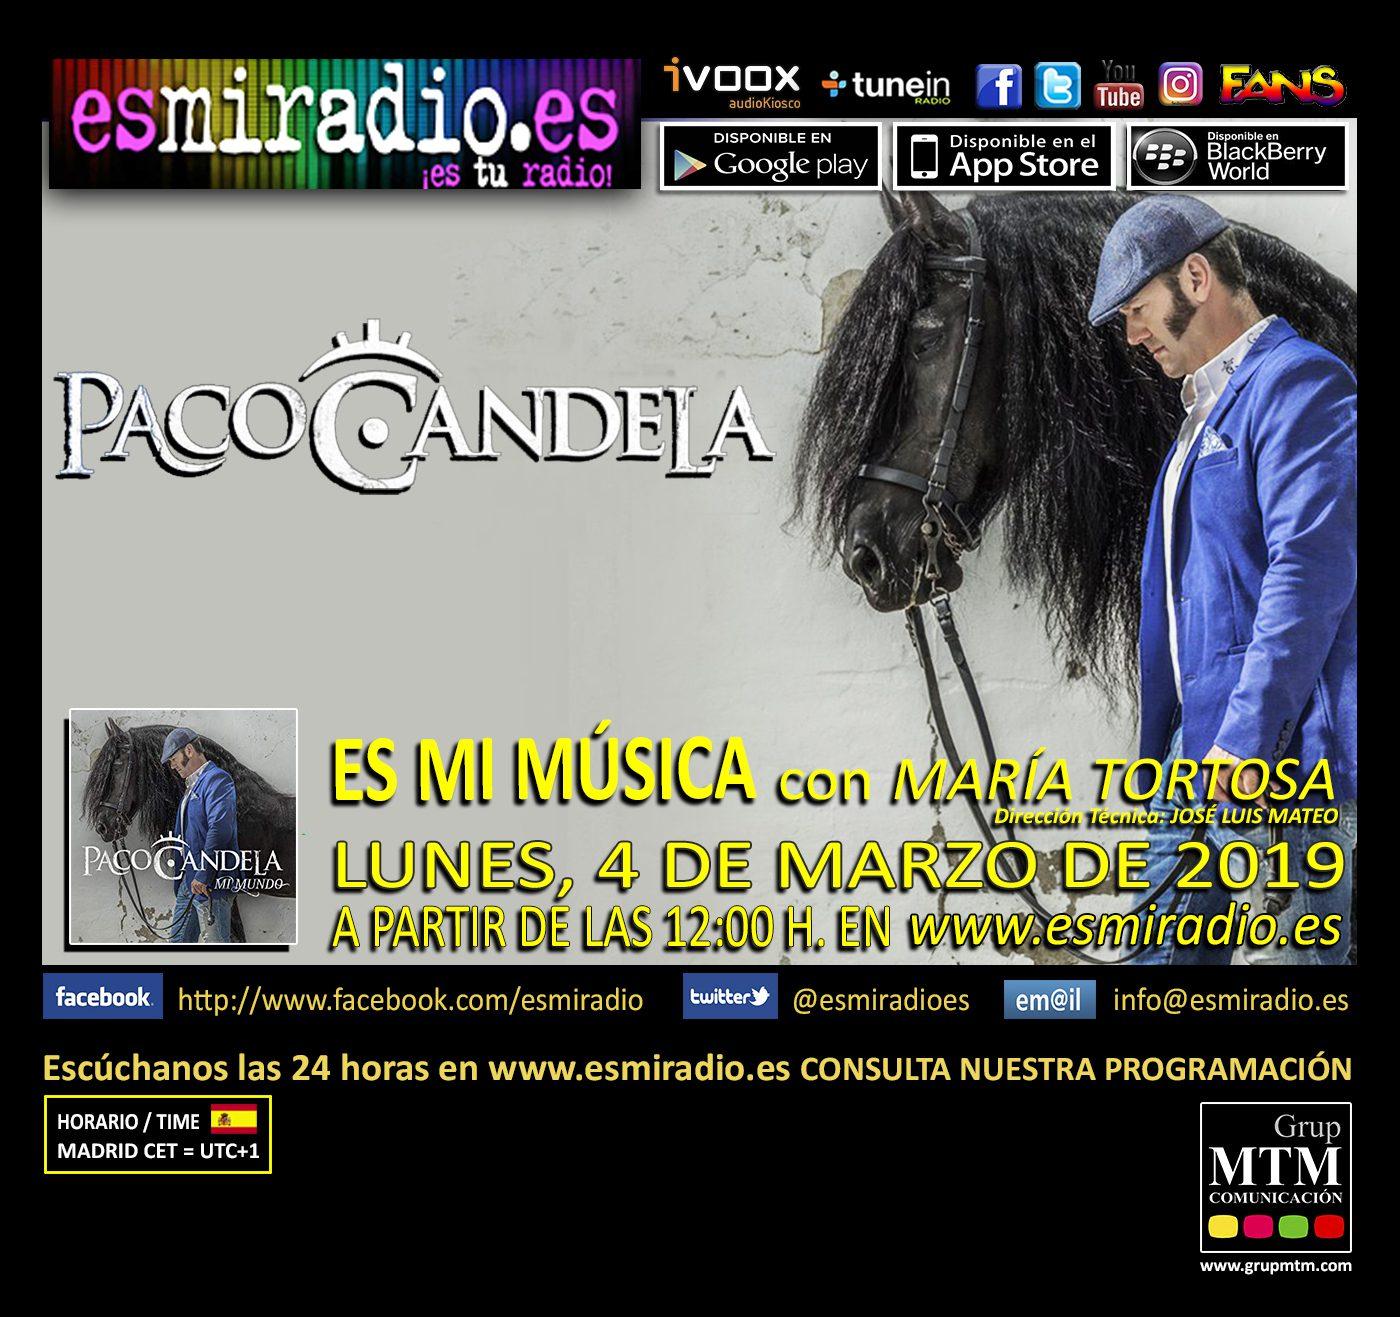 Paco Candela en esmiradio.es el 04/03/19